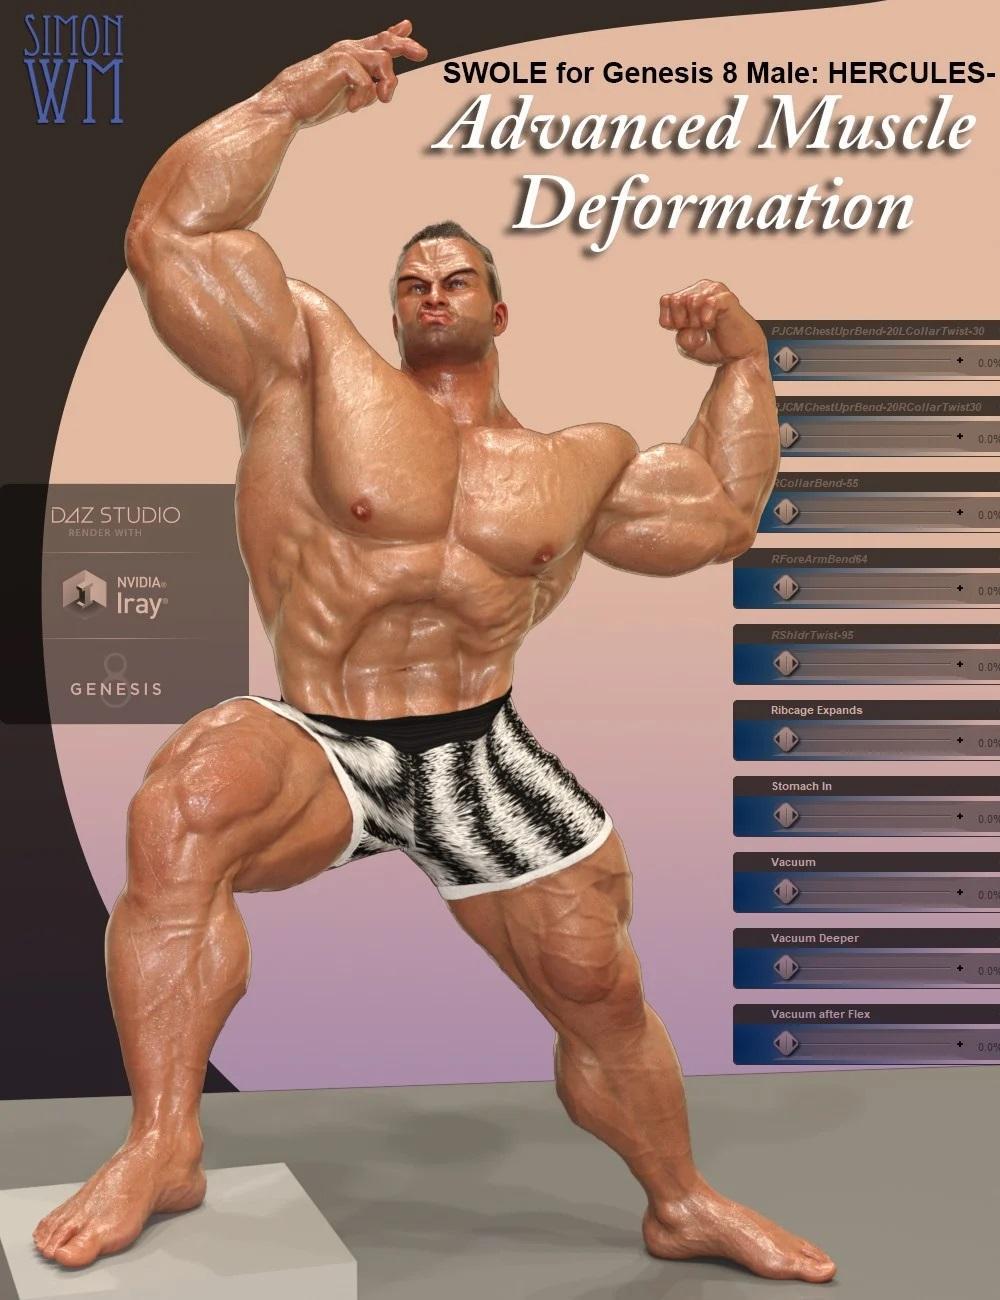 SWOLE for Genesis 8 Male: Hercules - Advanced Muscle Deformation